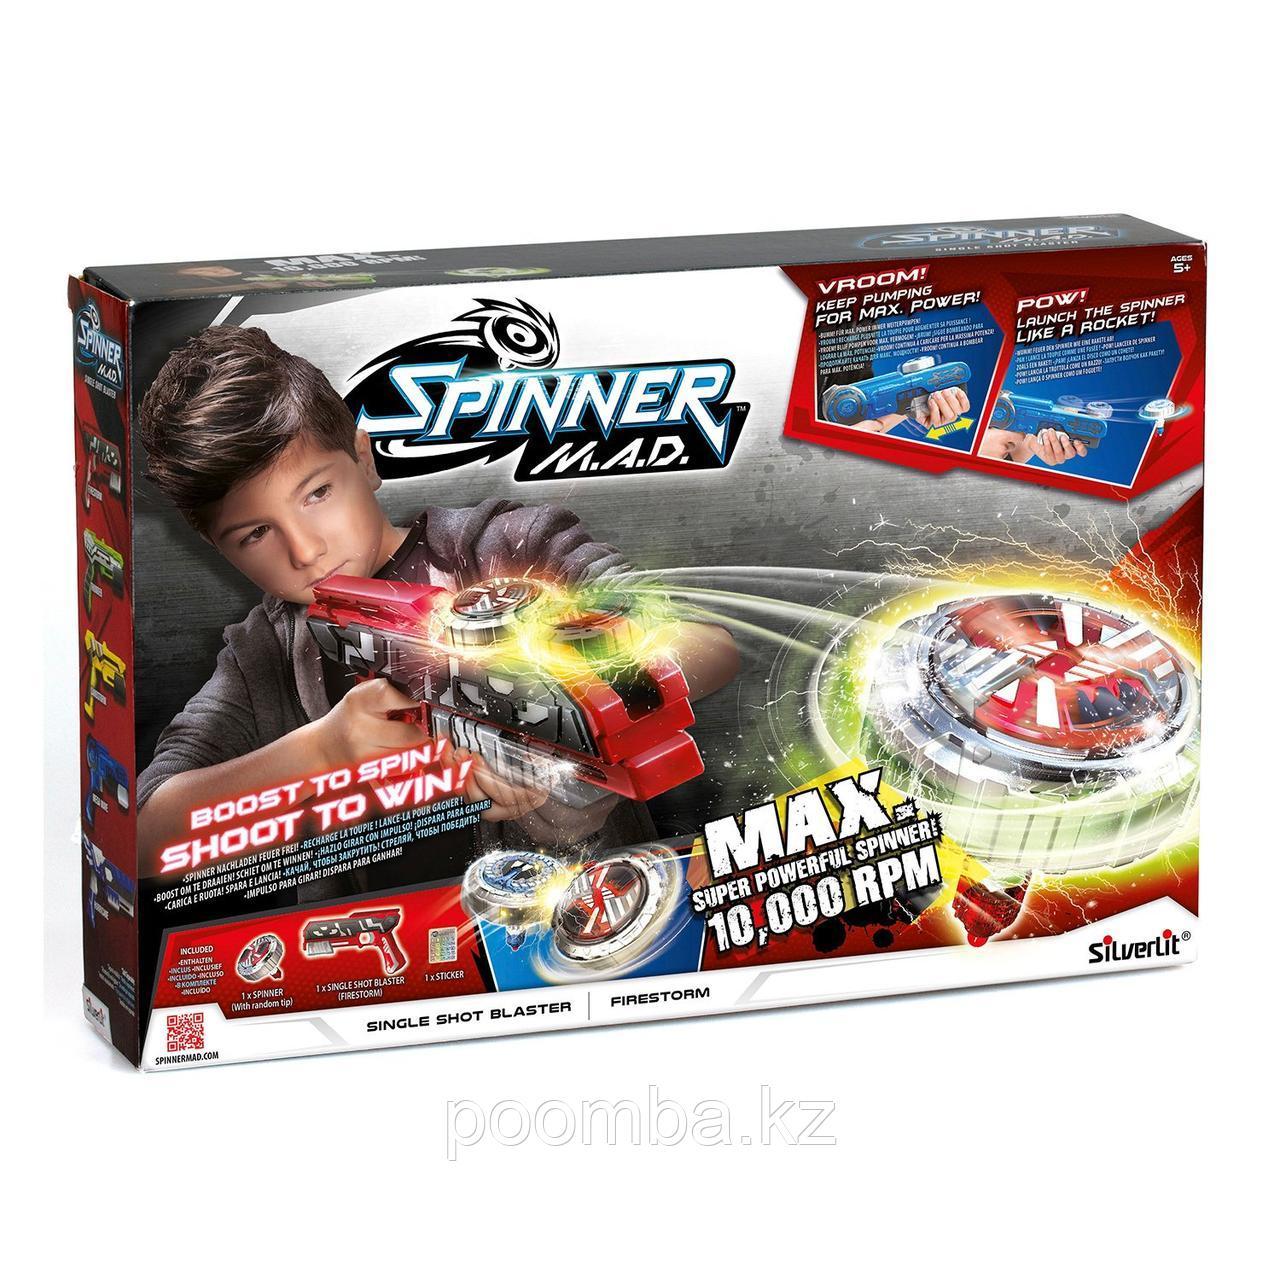 Боевой волчок и Бластер одиночный Spinner Mad, красный, Silverlit, 86301